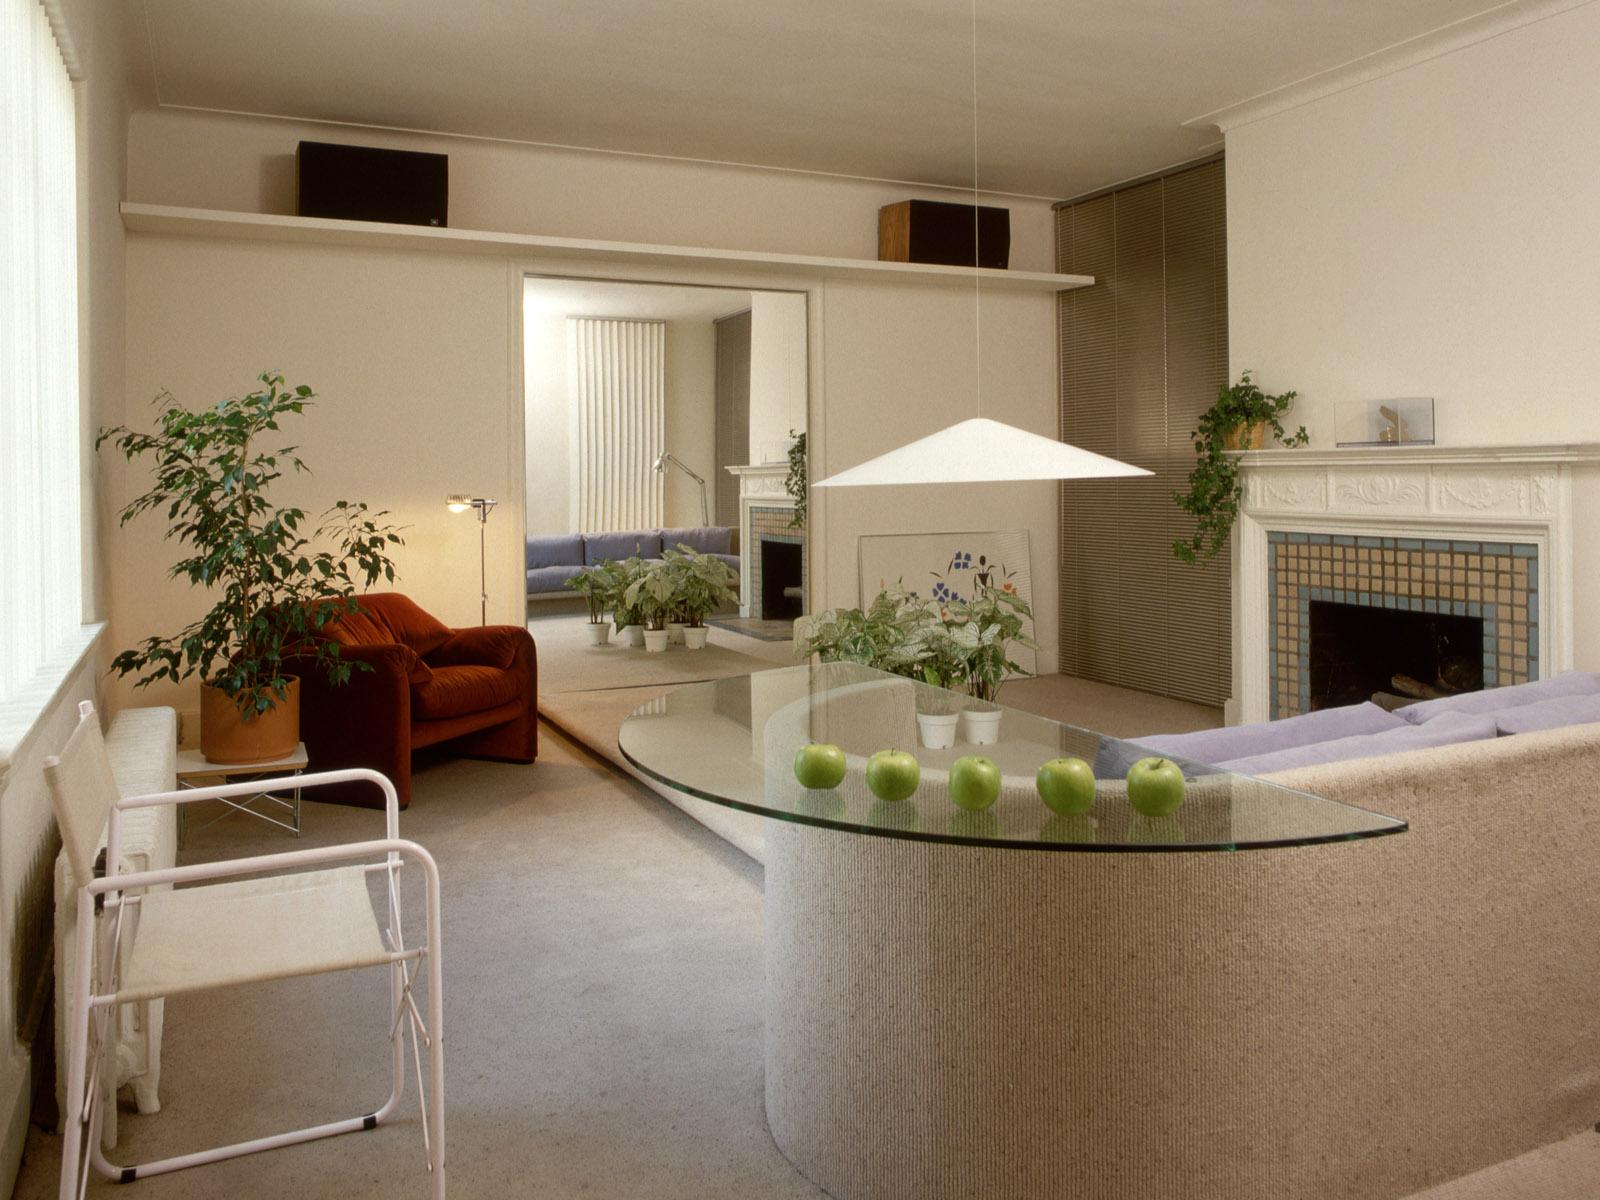 interior designinterior design wallpaperinterior decorating design 1600x1200